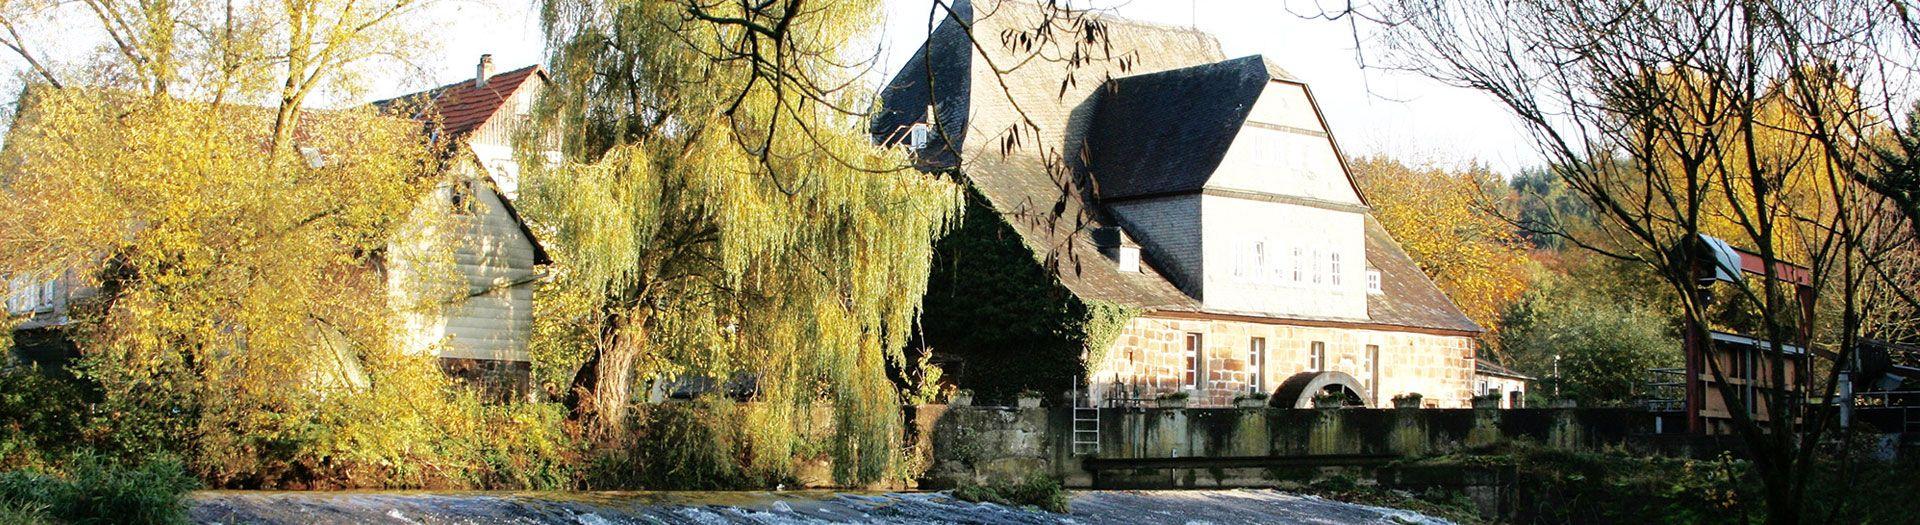 historische steinmühle im internat landschulheim steinmühle von außen in marburg, hessen